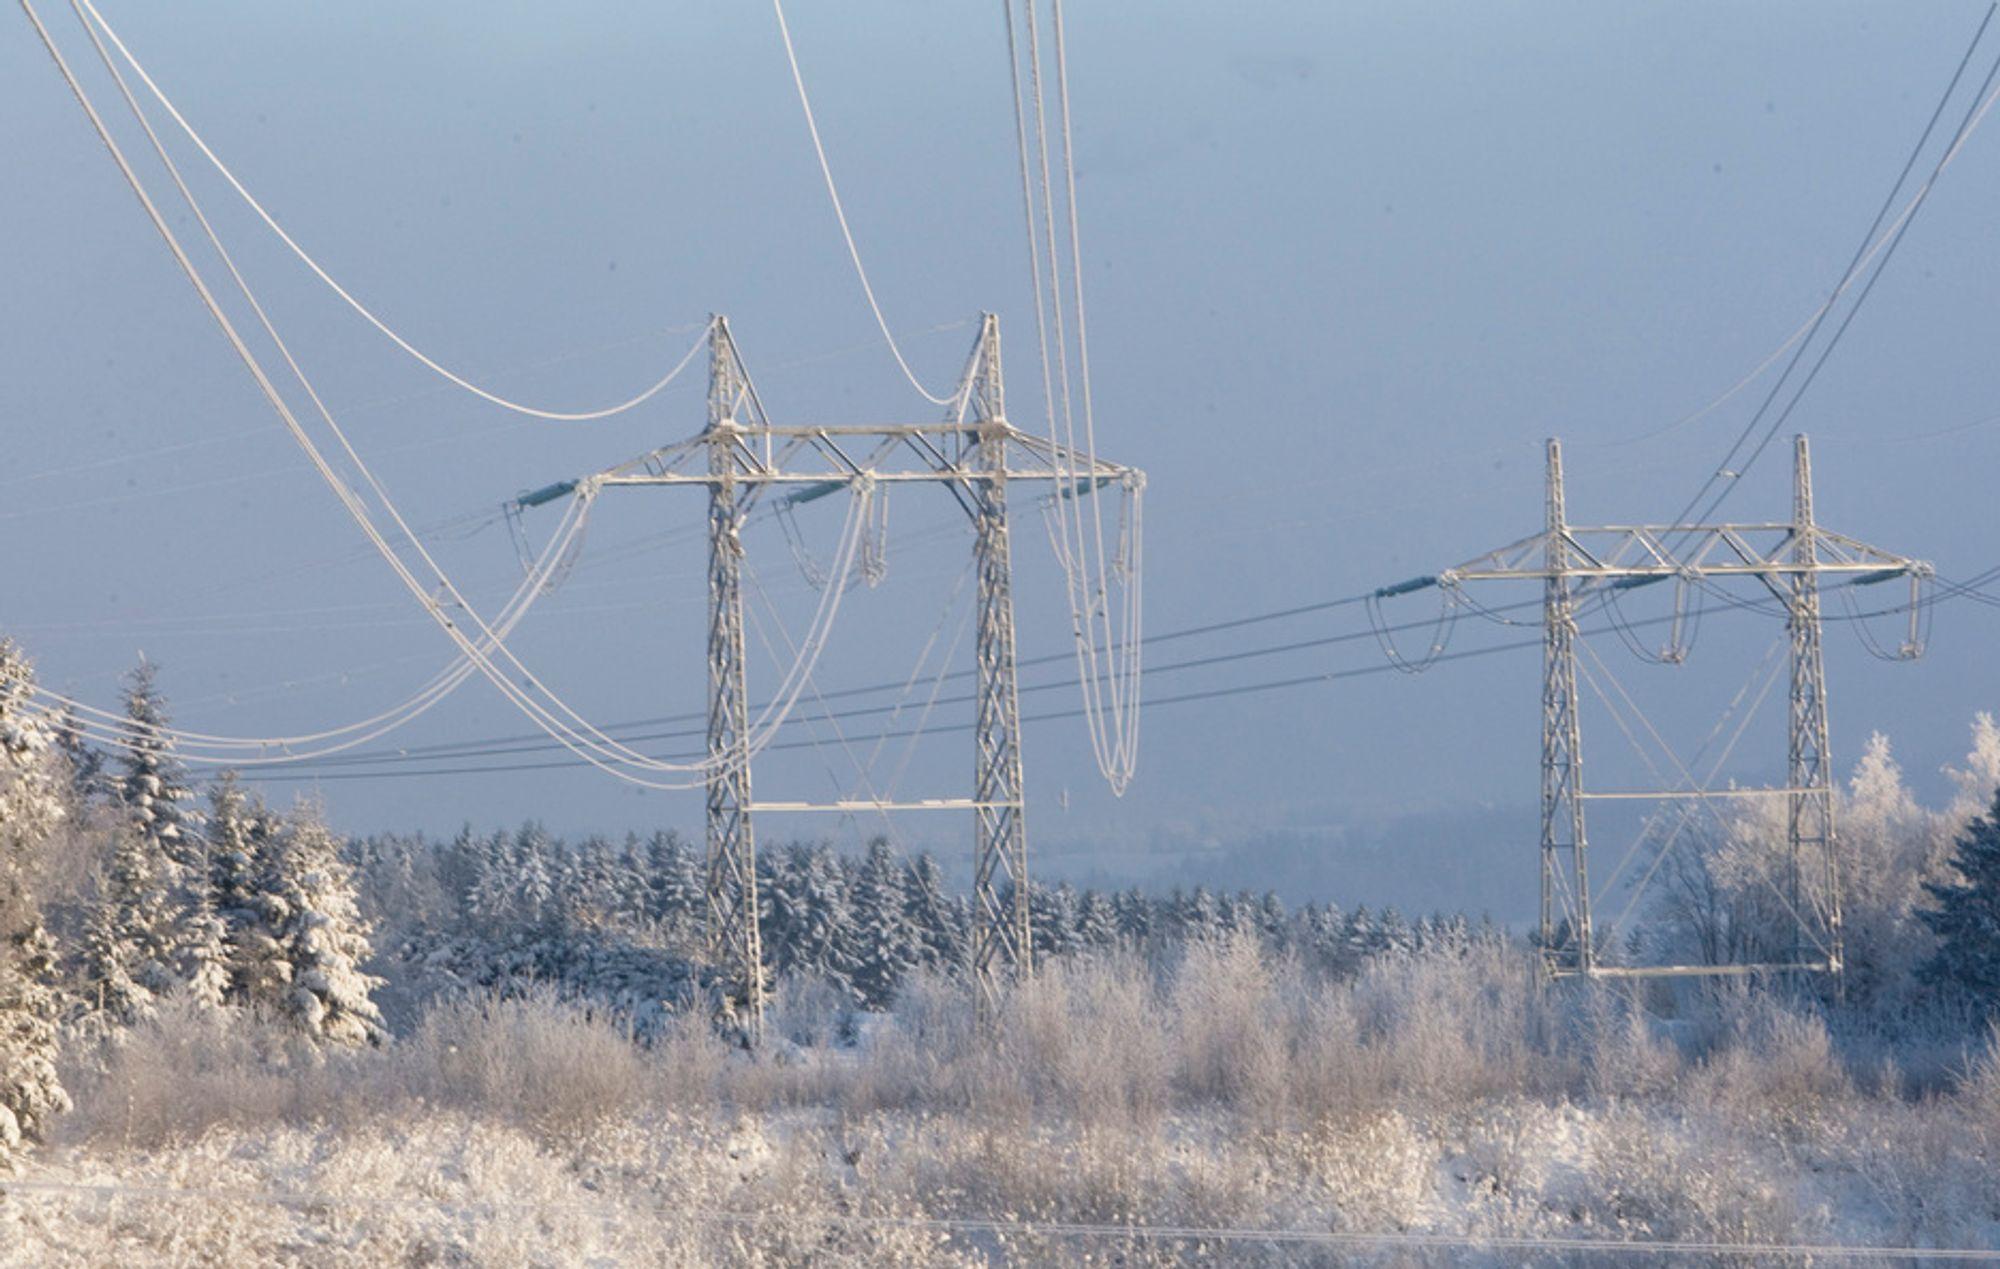 Småkraftverk fryser fast på grunn av kulden, som har satt seg over store deler av landet.